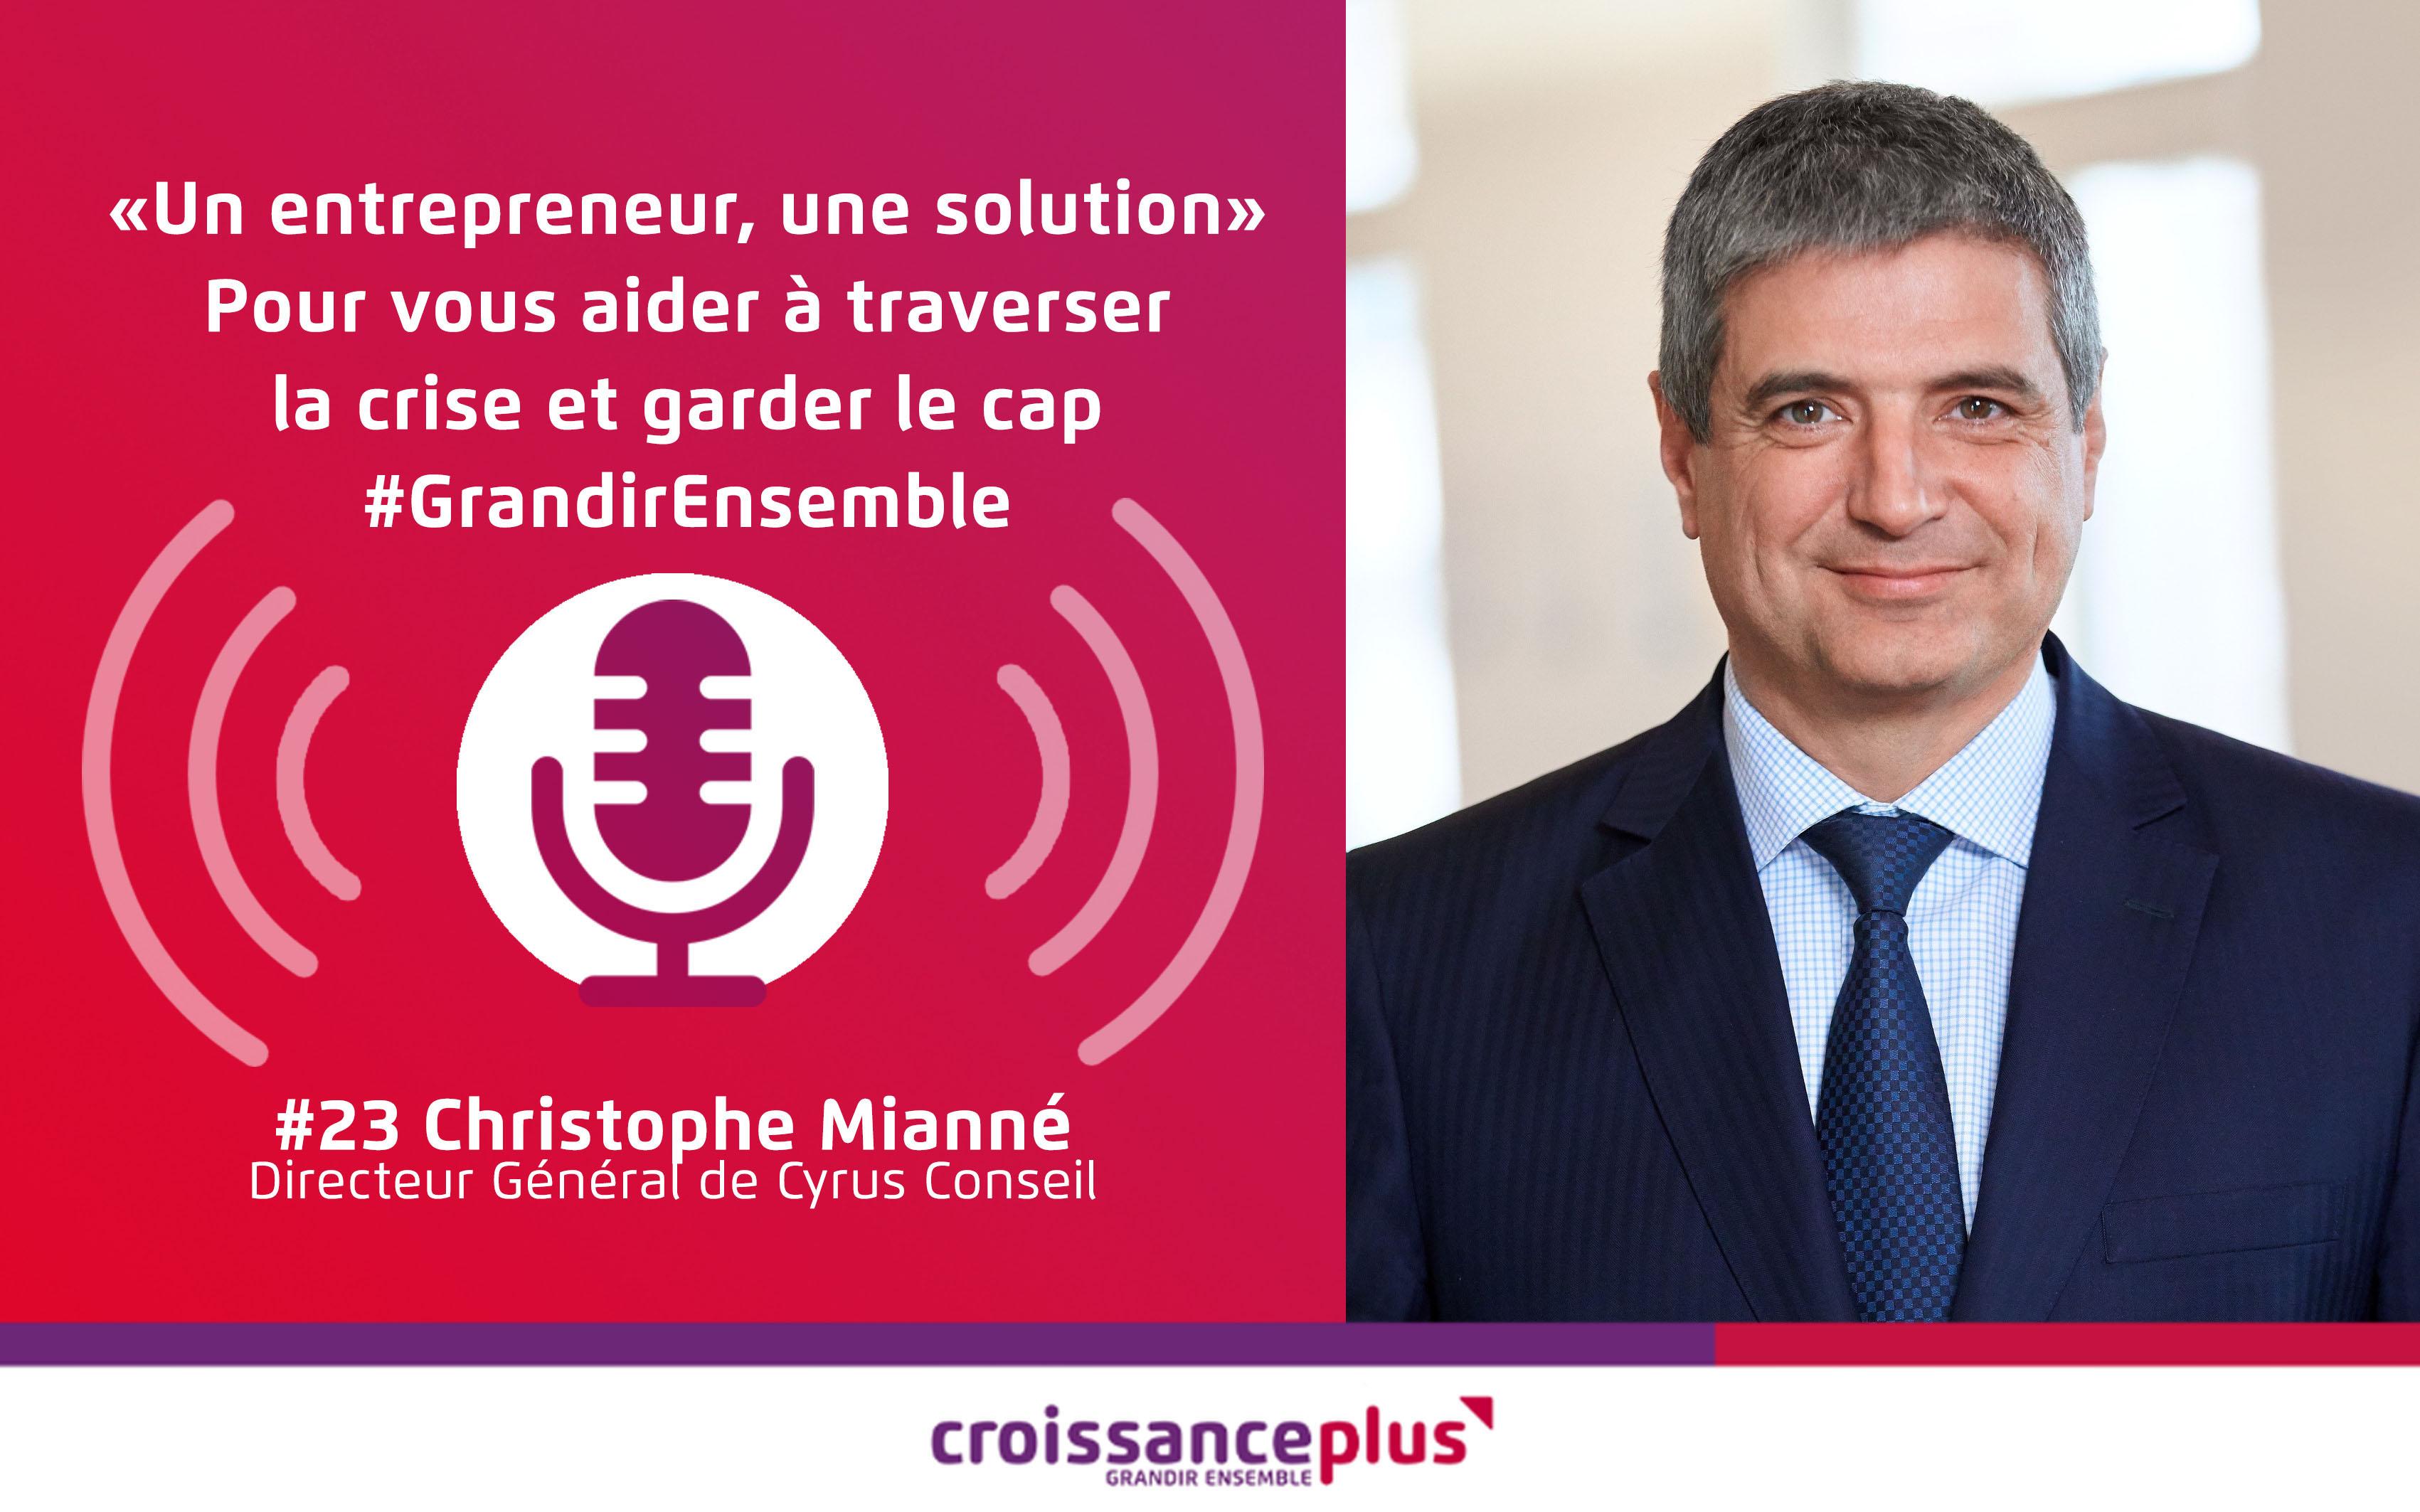 Un entrepreneur, une solution #23 – Christophe Mianné